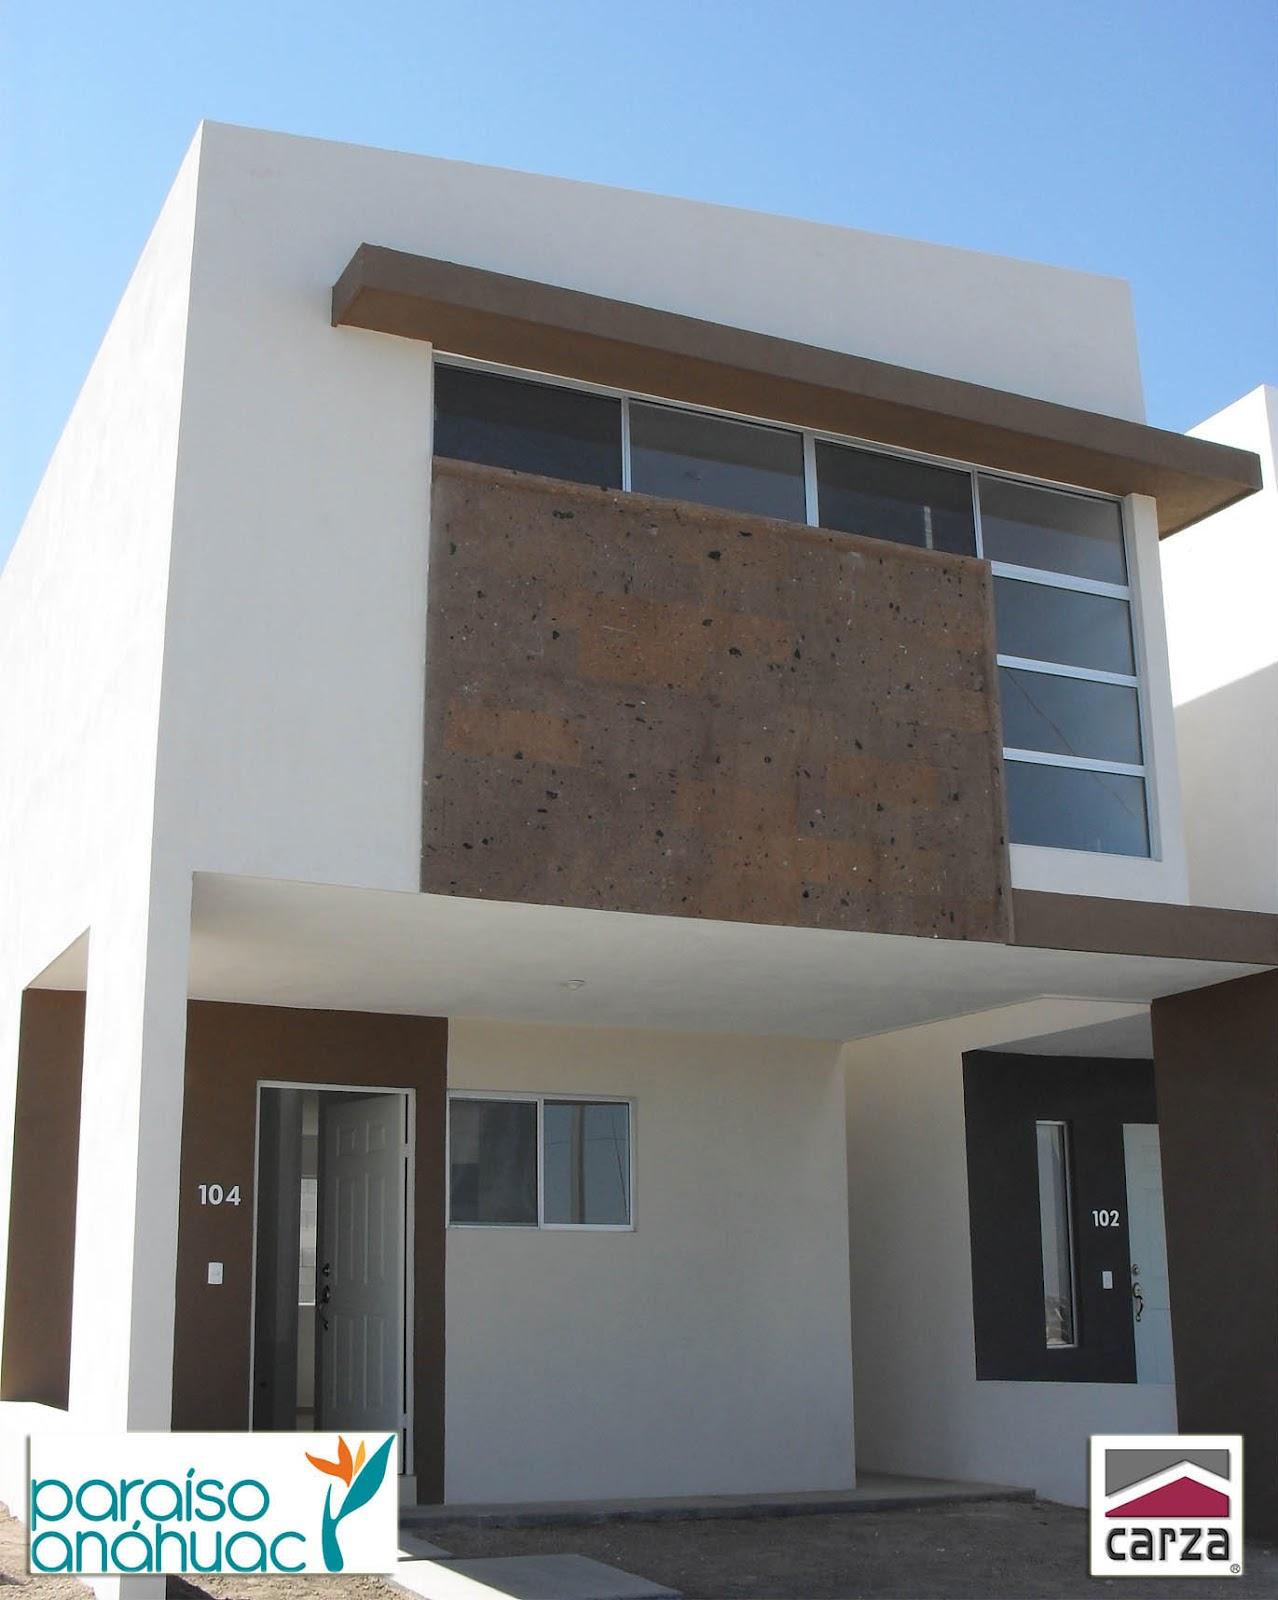 Fachadas de casas modernas octubre 2012 - Fachadas con azulejo ...